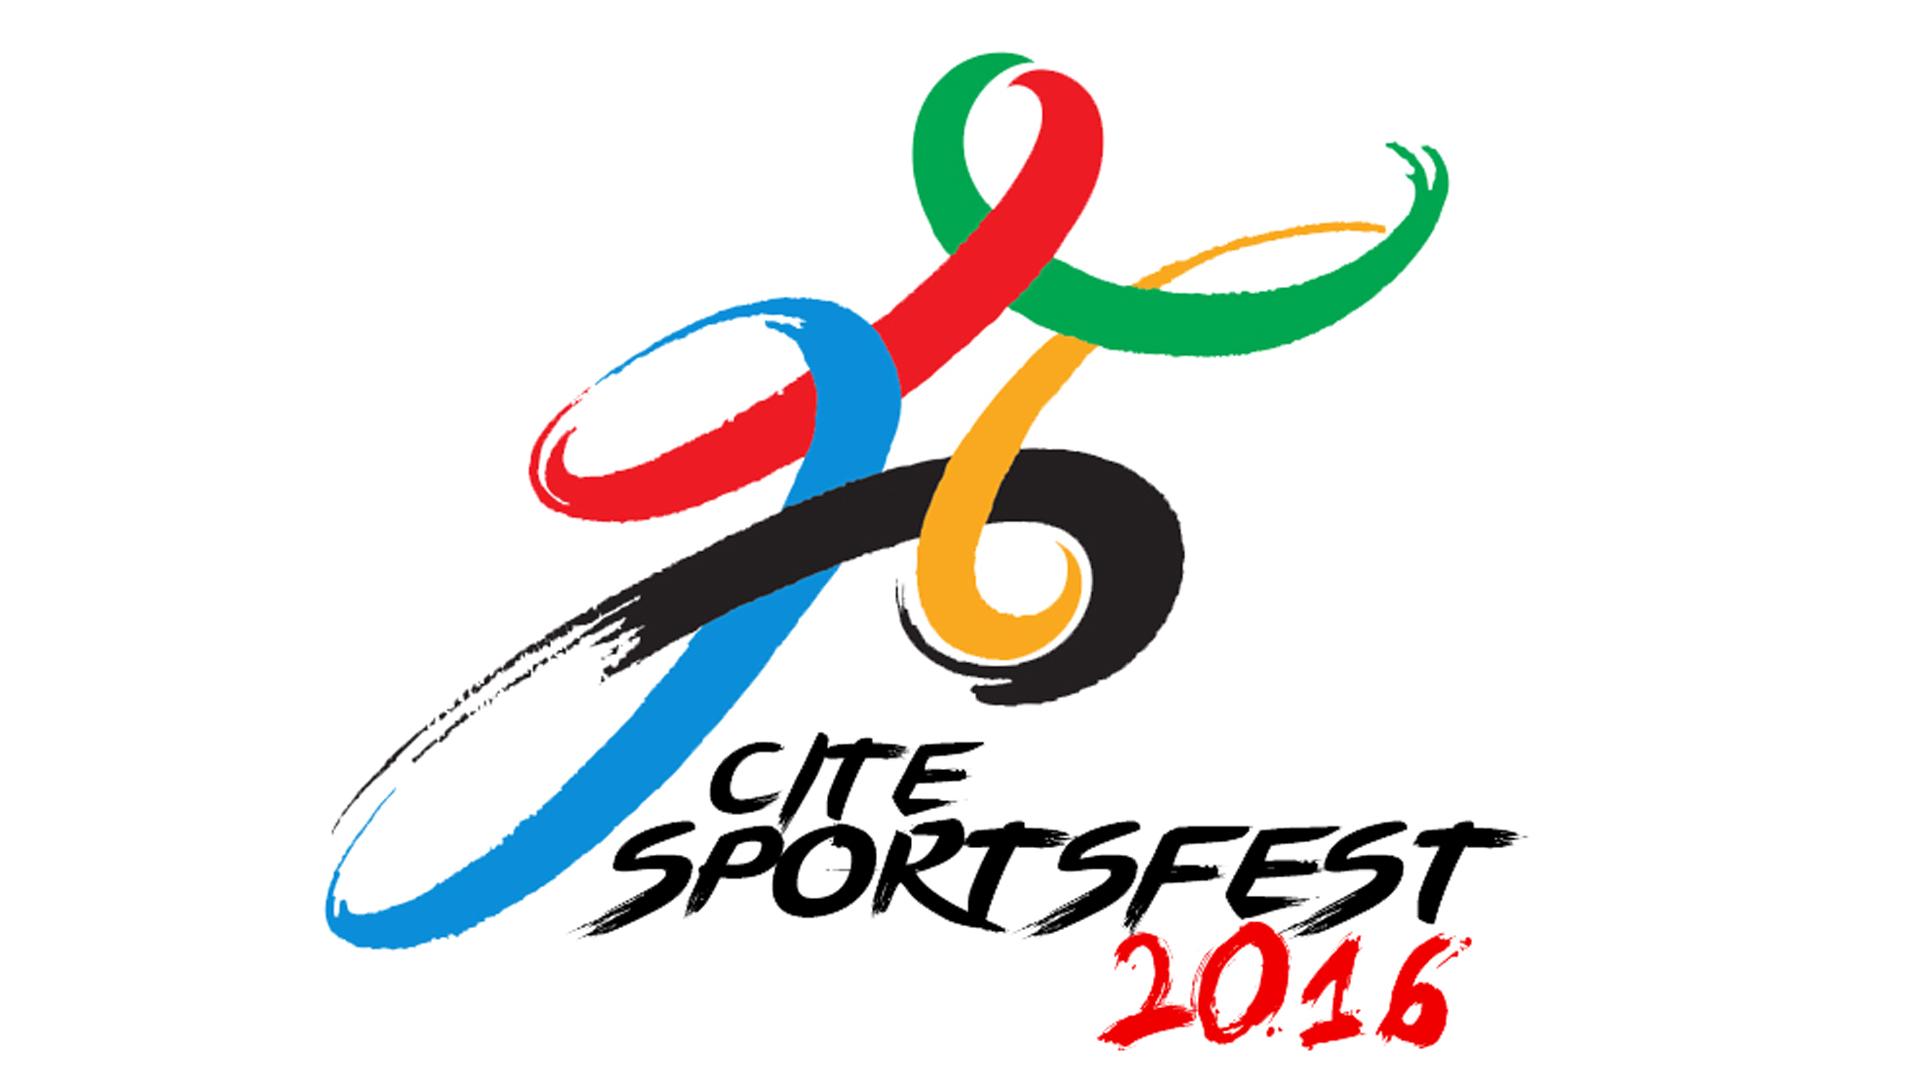 Torch clipart sportsfest Sportsfest Sportsfest CITE CITE 2016